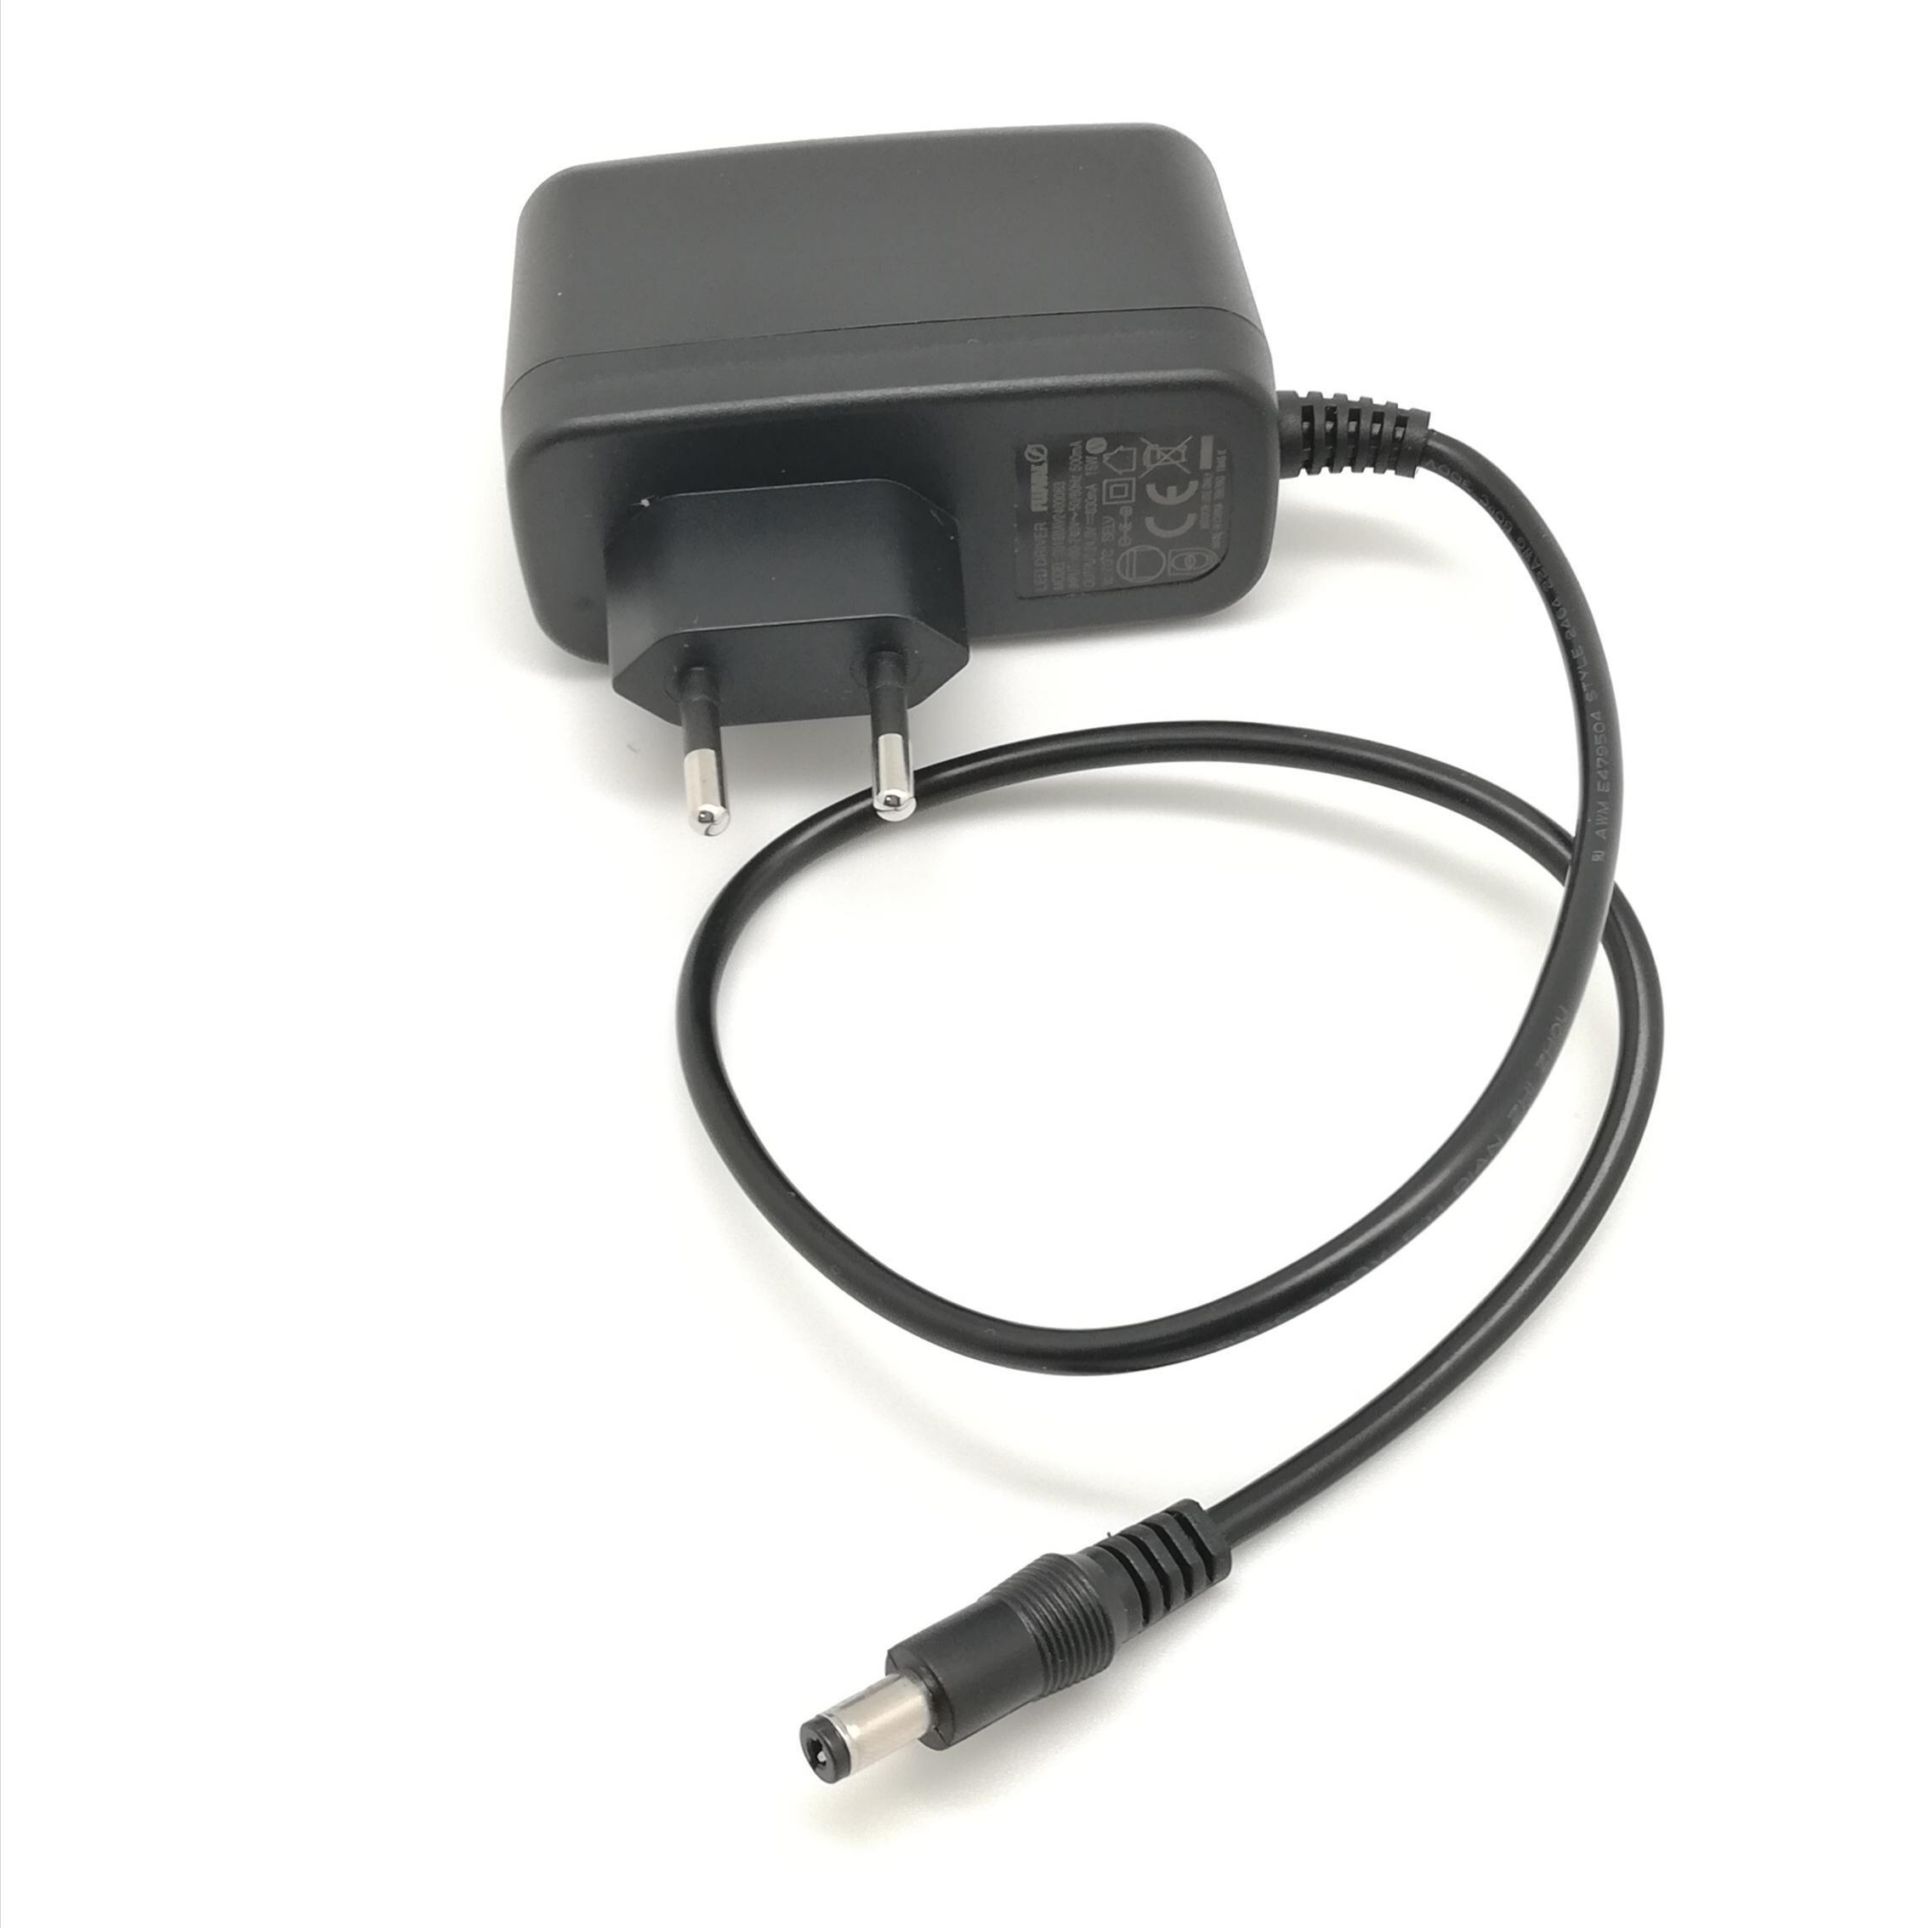 Transformador A20431-DVR - 0,63A 16w Fluval